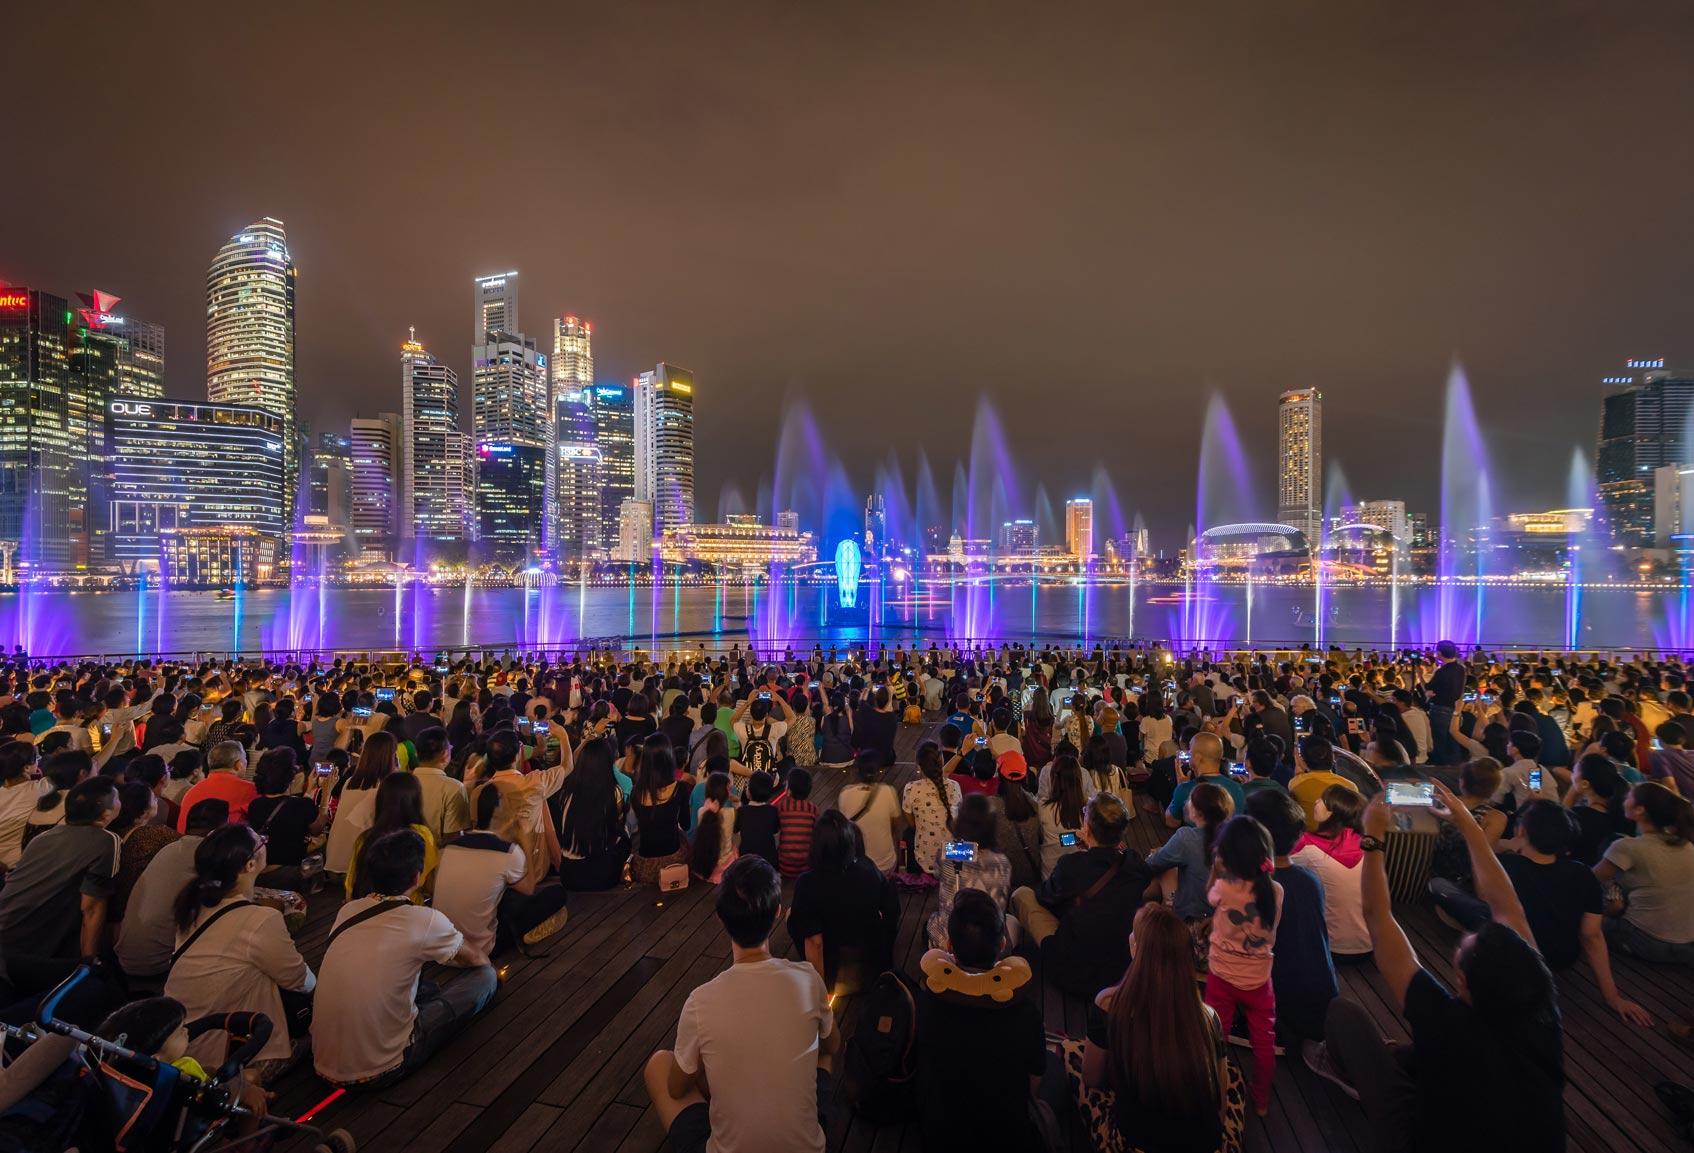 шоу фонтанов Сингапур